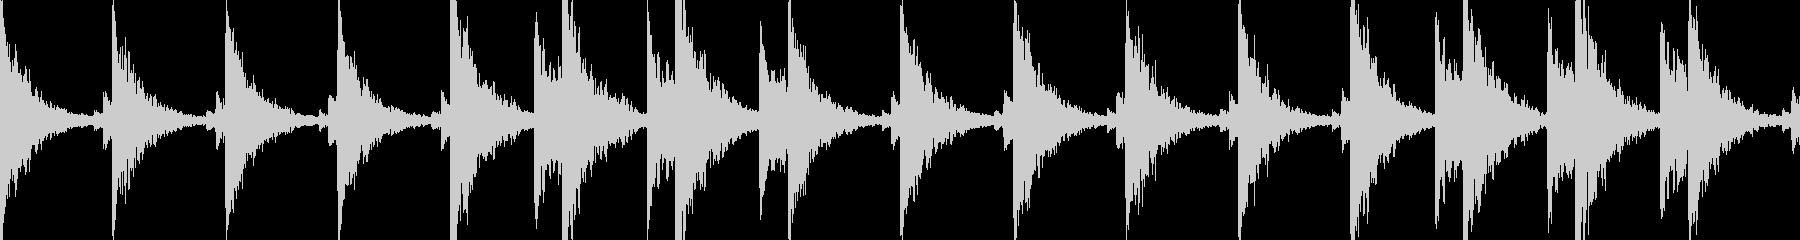 幻想的なBGMの未再生の波形